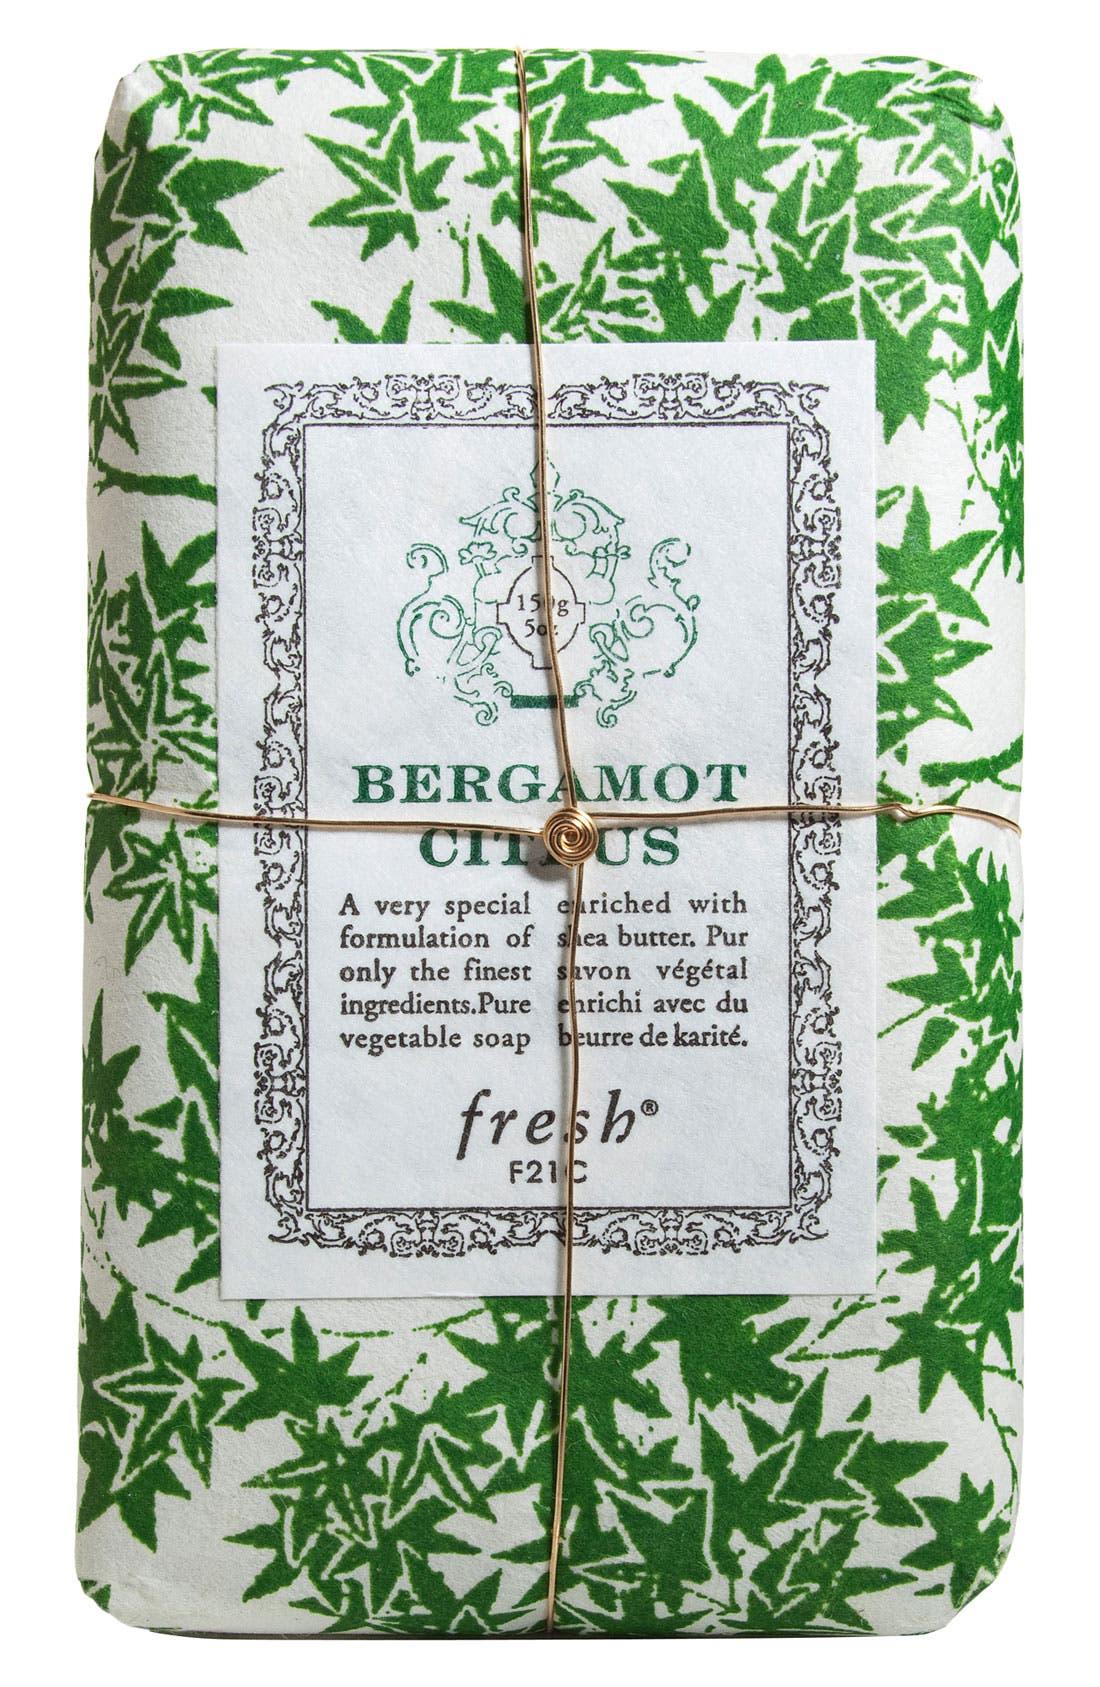 Fresh® Bergamot Citrus Petit Soap